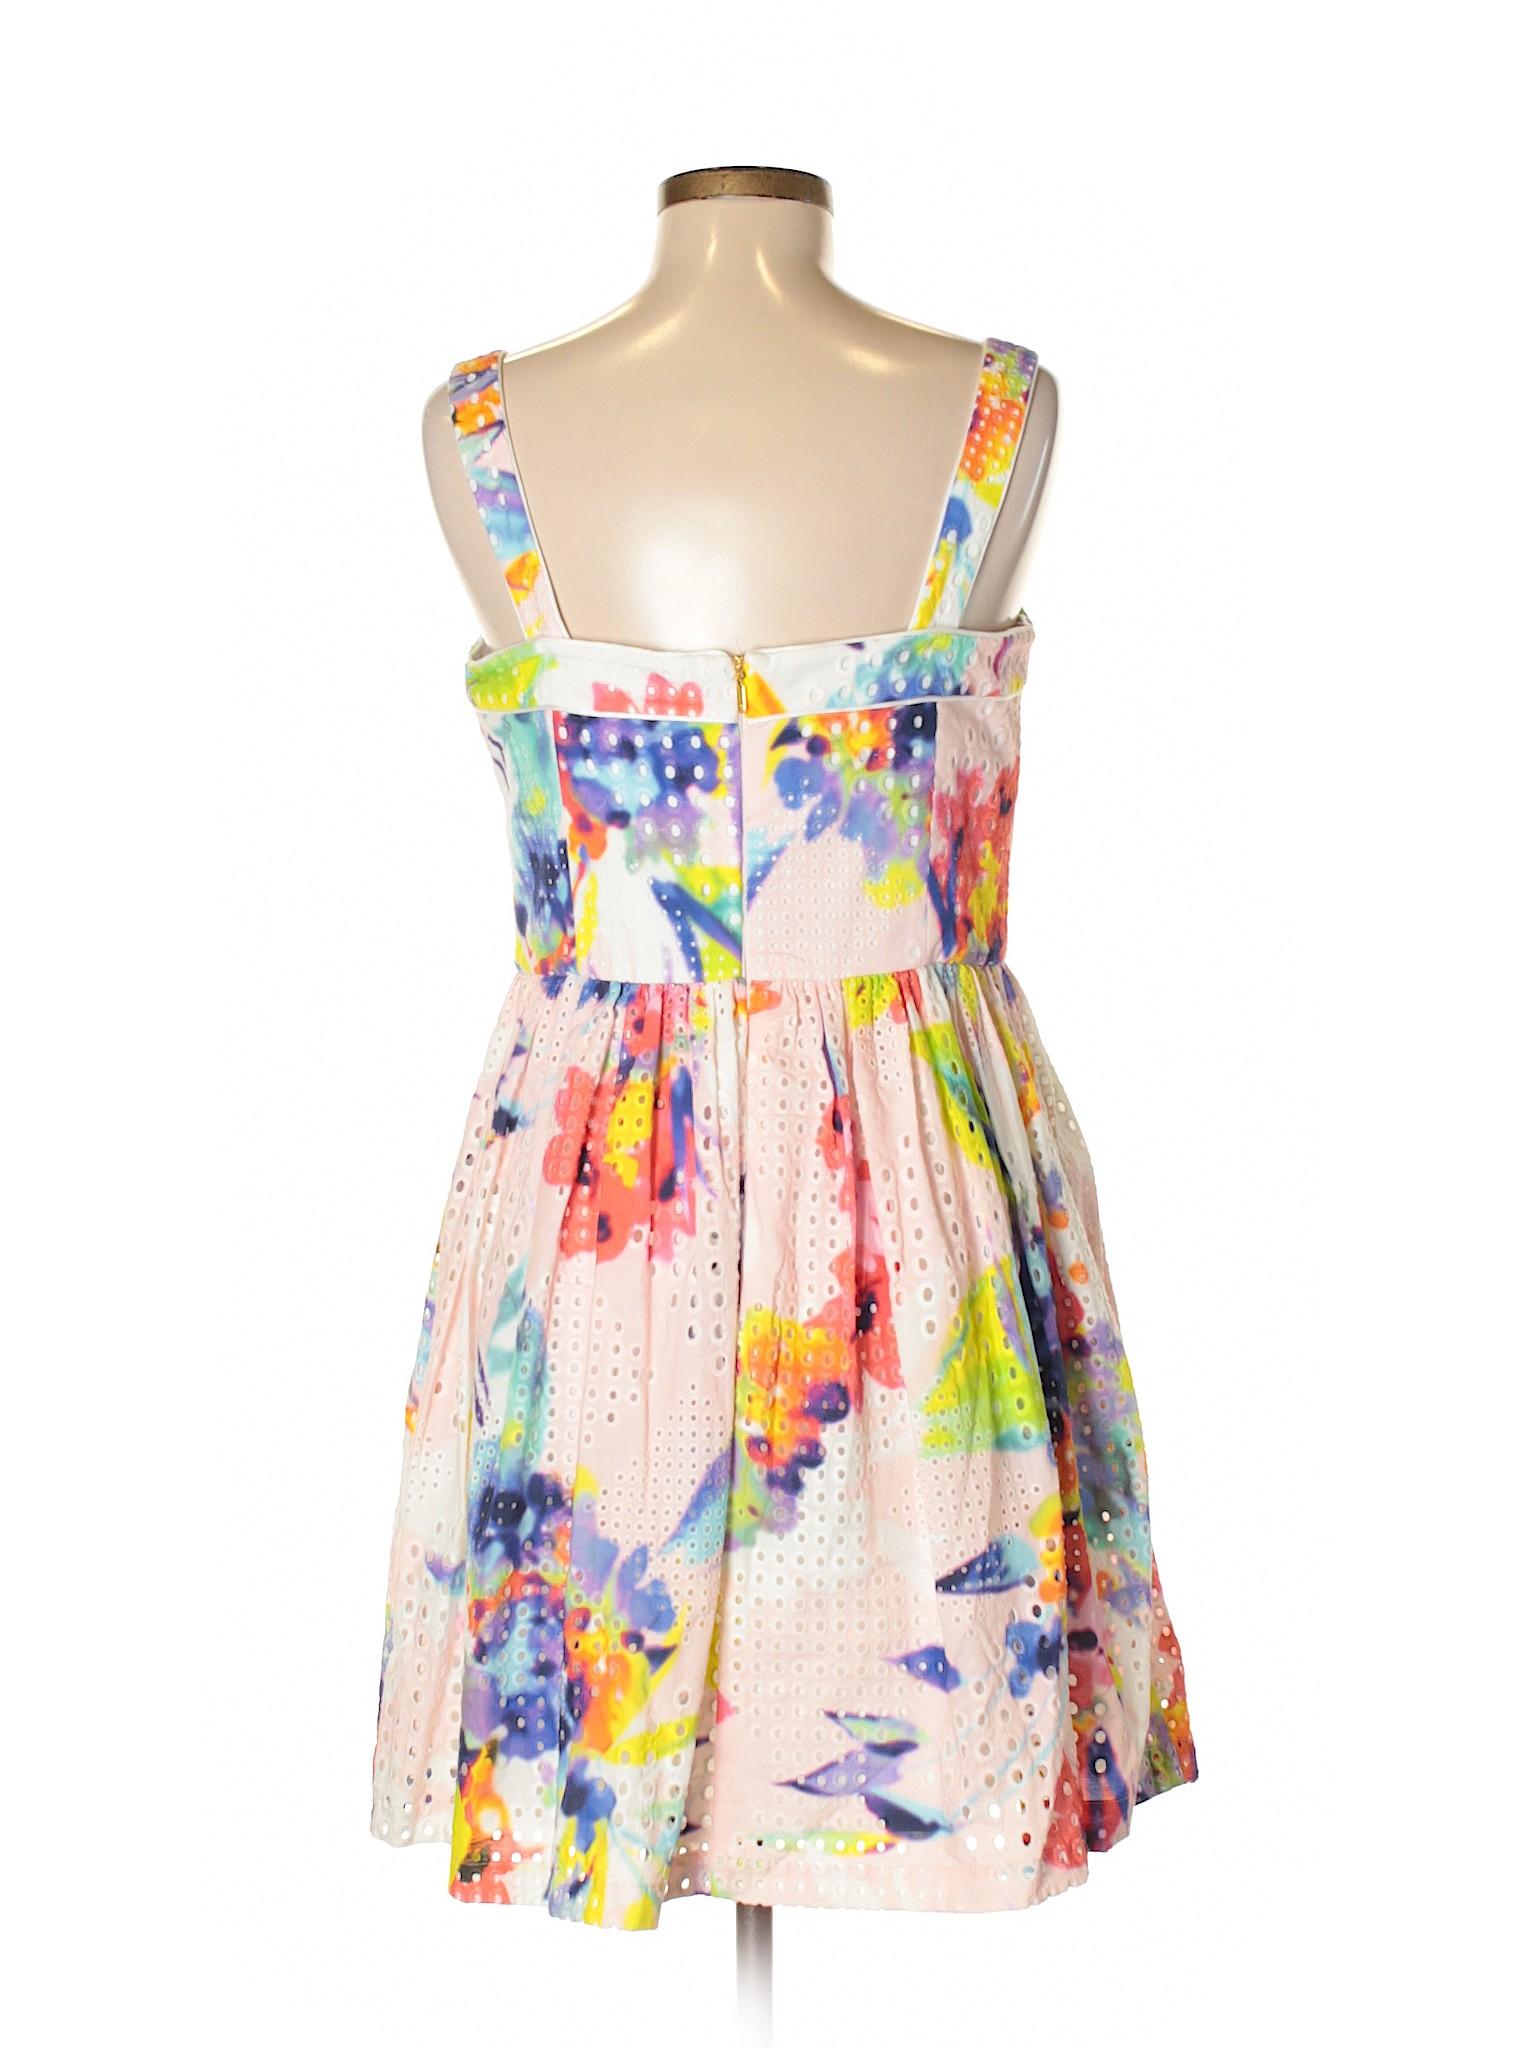 Casual Dress Trina Casual Casual Dress Dress Trina Turk Turk Selling Selling Turk Selling Trina nOqn8F0wg